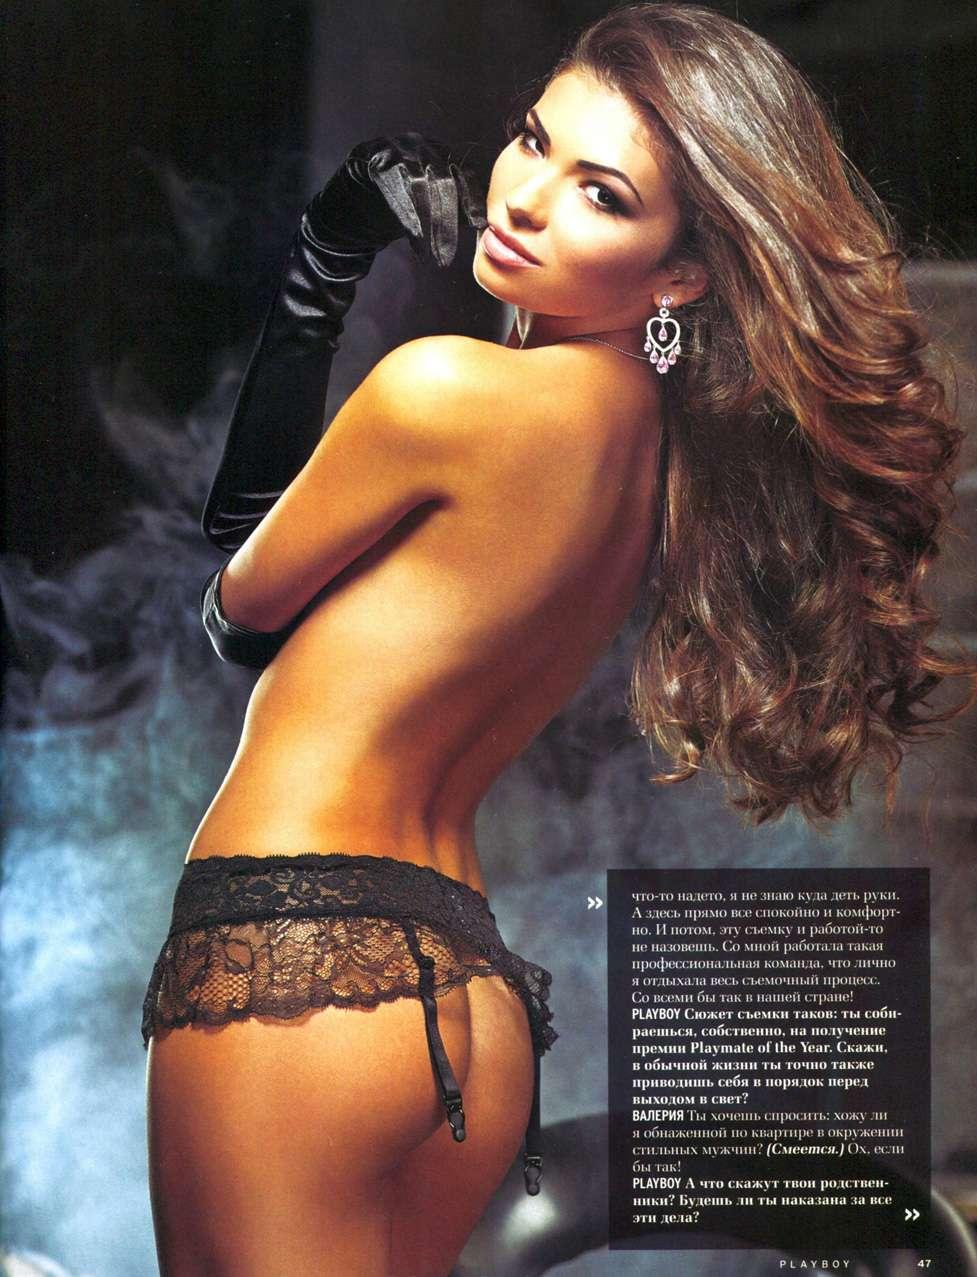 Валерия Розова / Valeria Rozova in Playboy Ukraine november 2010